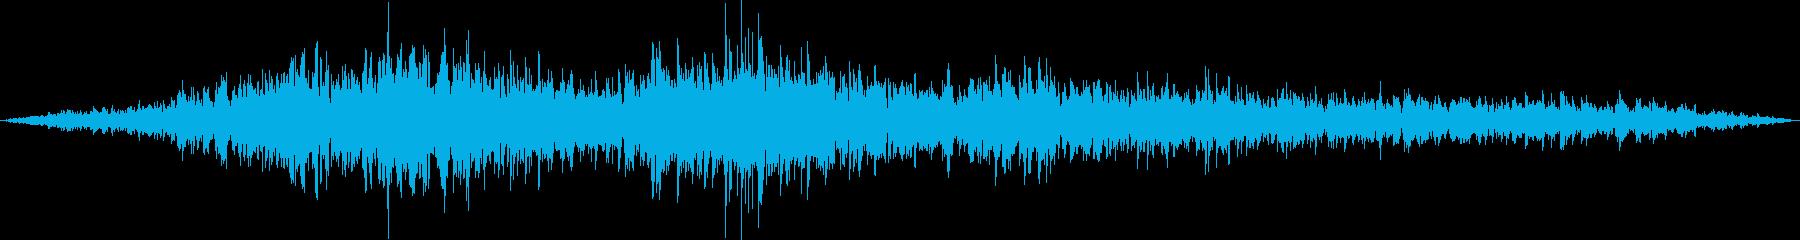 デルタIIIロケット:テイクオフス...の再生済みの波形